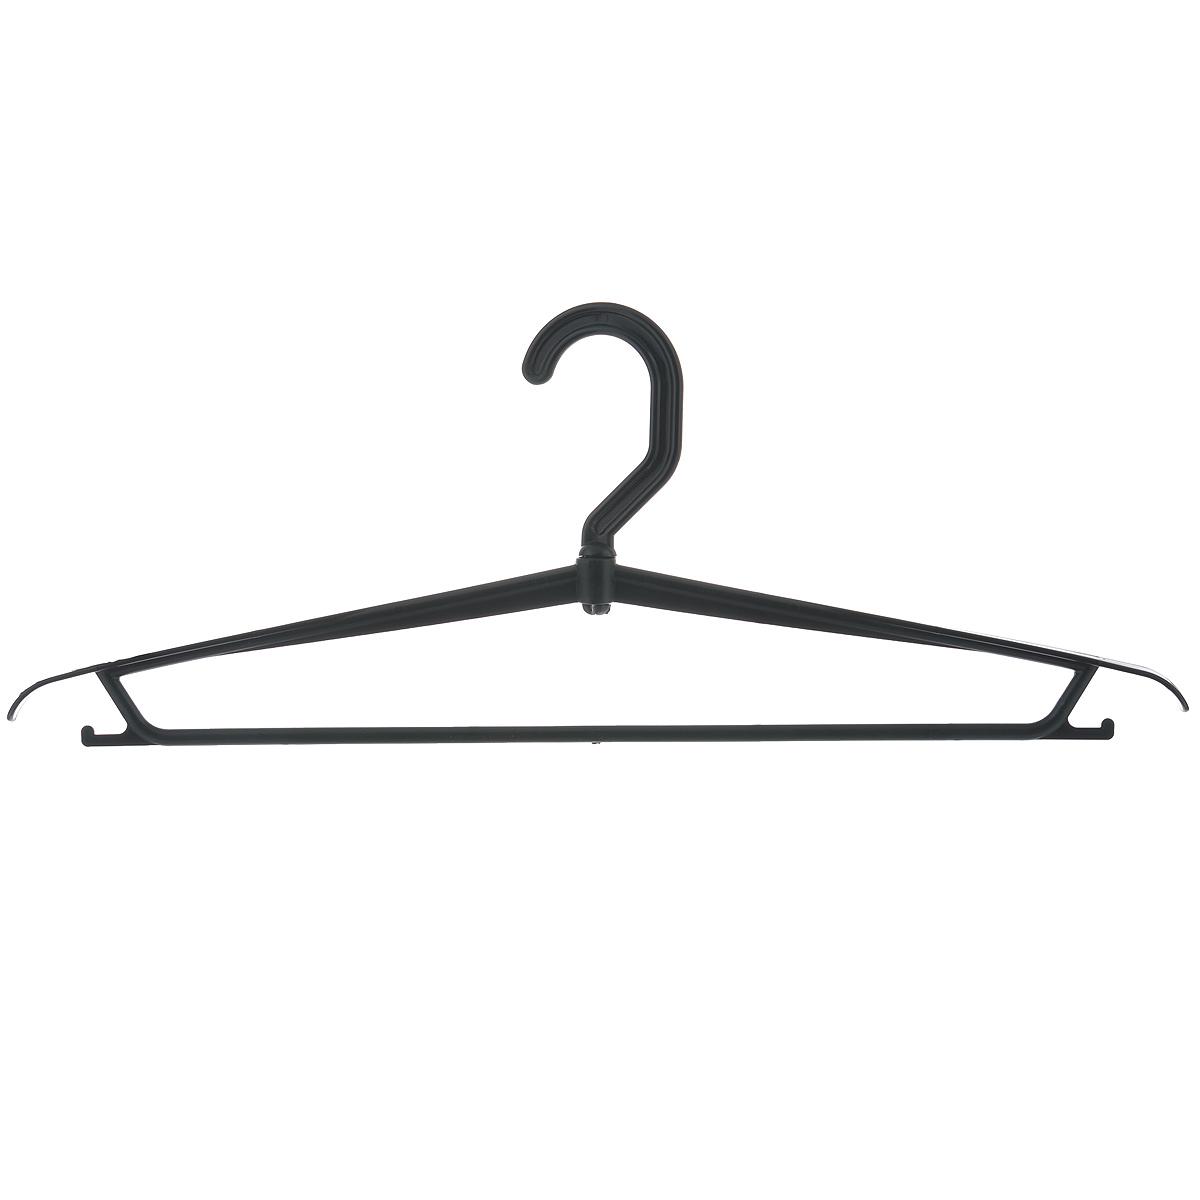 Вешалка для одежды М-пластика, цвет: черныйМ 2207Вешалка М-пластика выполнена из прочного пластика. Изделие оснащено перекладиной и боковыми крючками.Вешалка - это незаменимая вещь для того, чтобы ваша одежда всегда оставалась в хорошем состоянии.